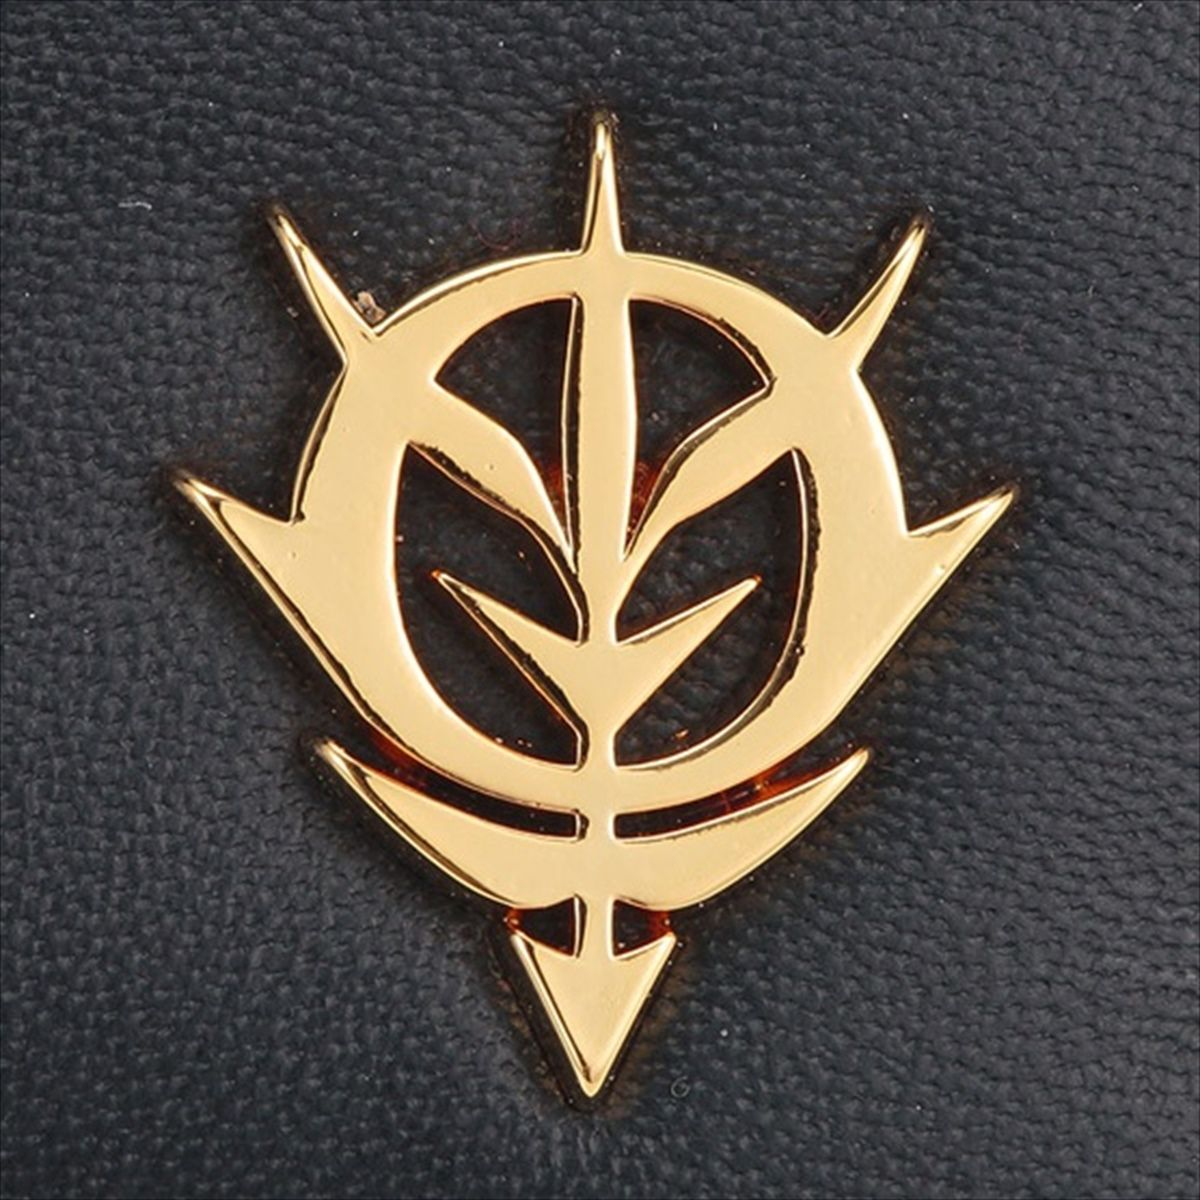 Mobile Suit Gundam Zeon Golden Emblem Passcase